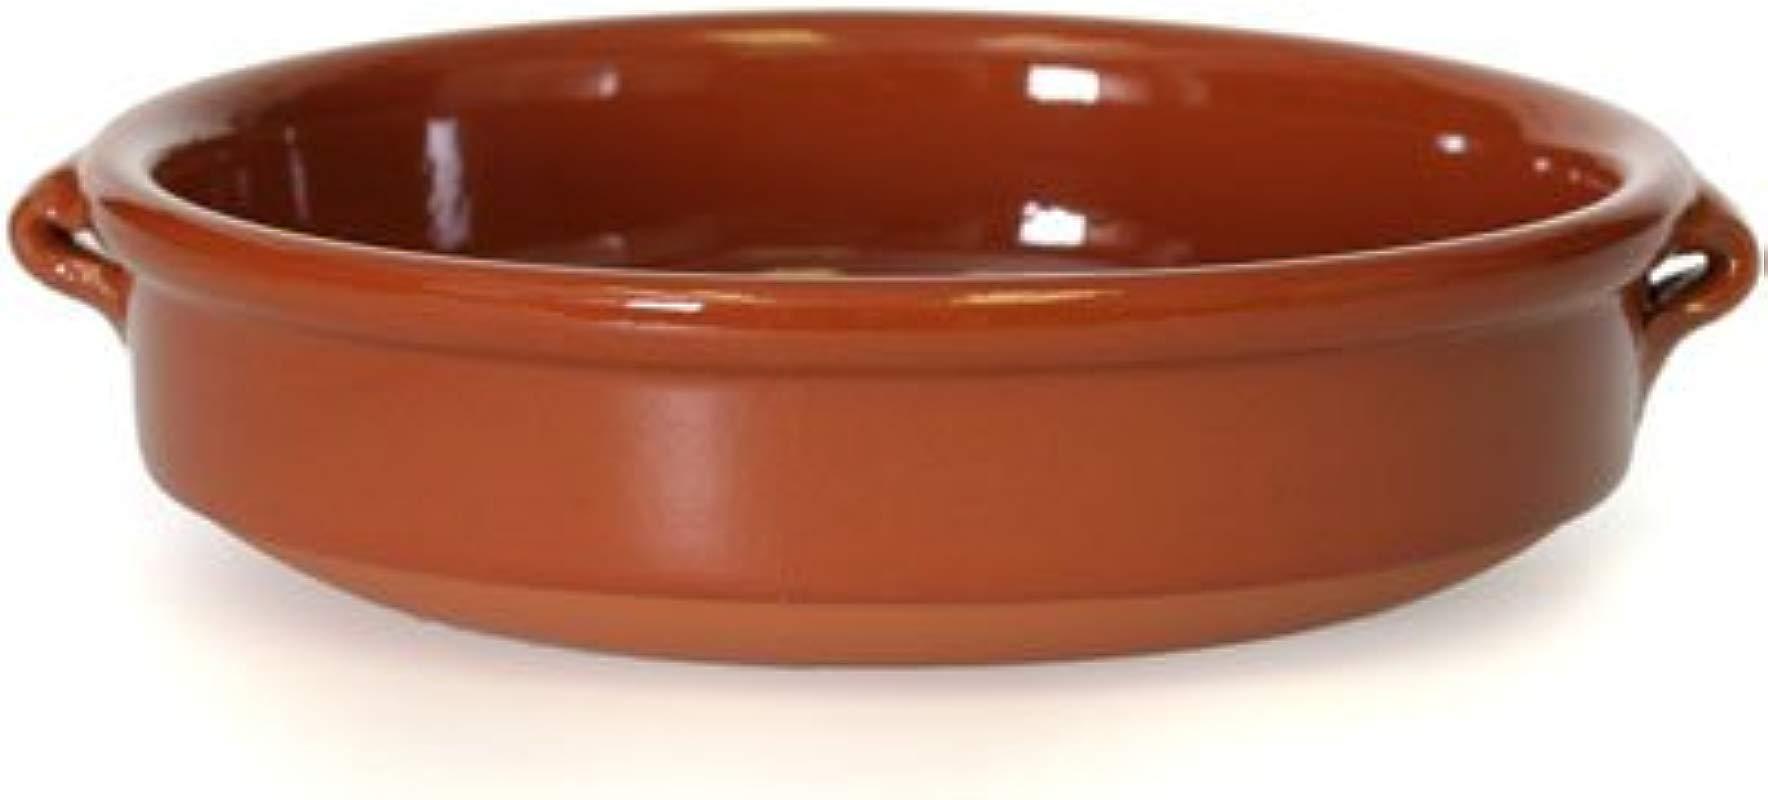 Rustic Cazuela Clay Pan 11 Inch 28 Cm